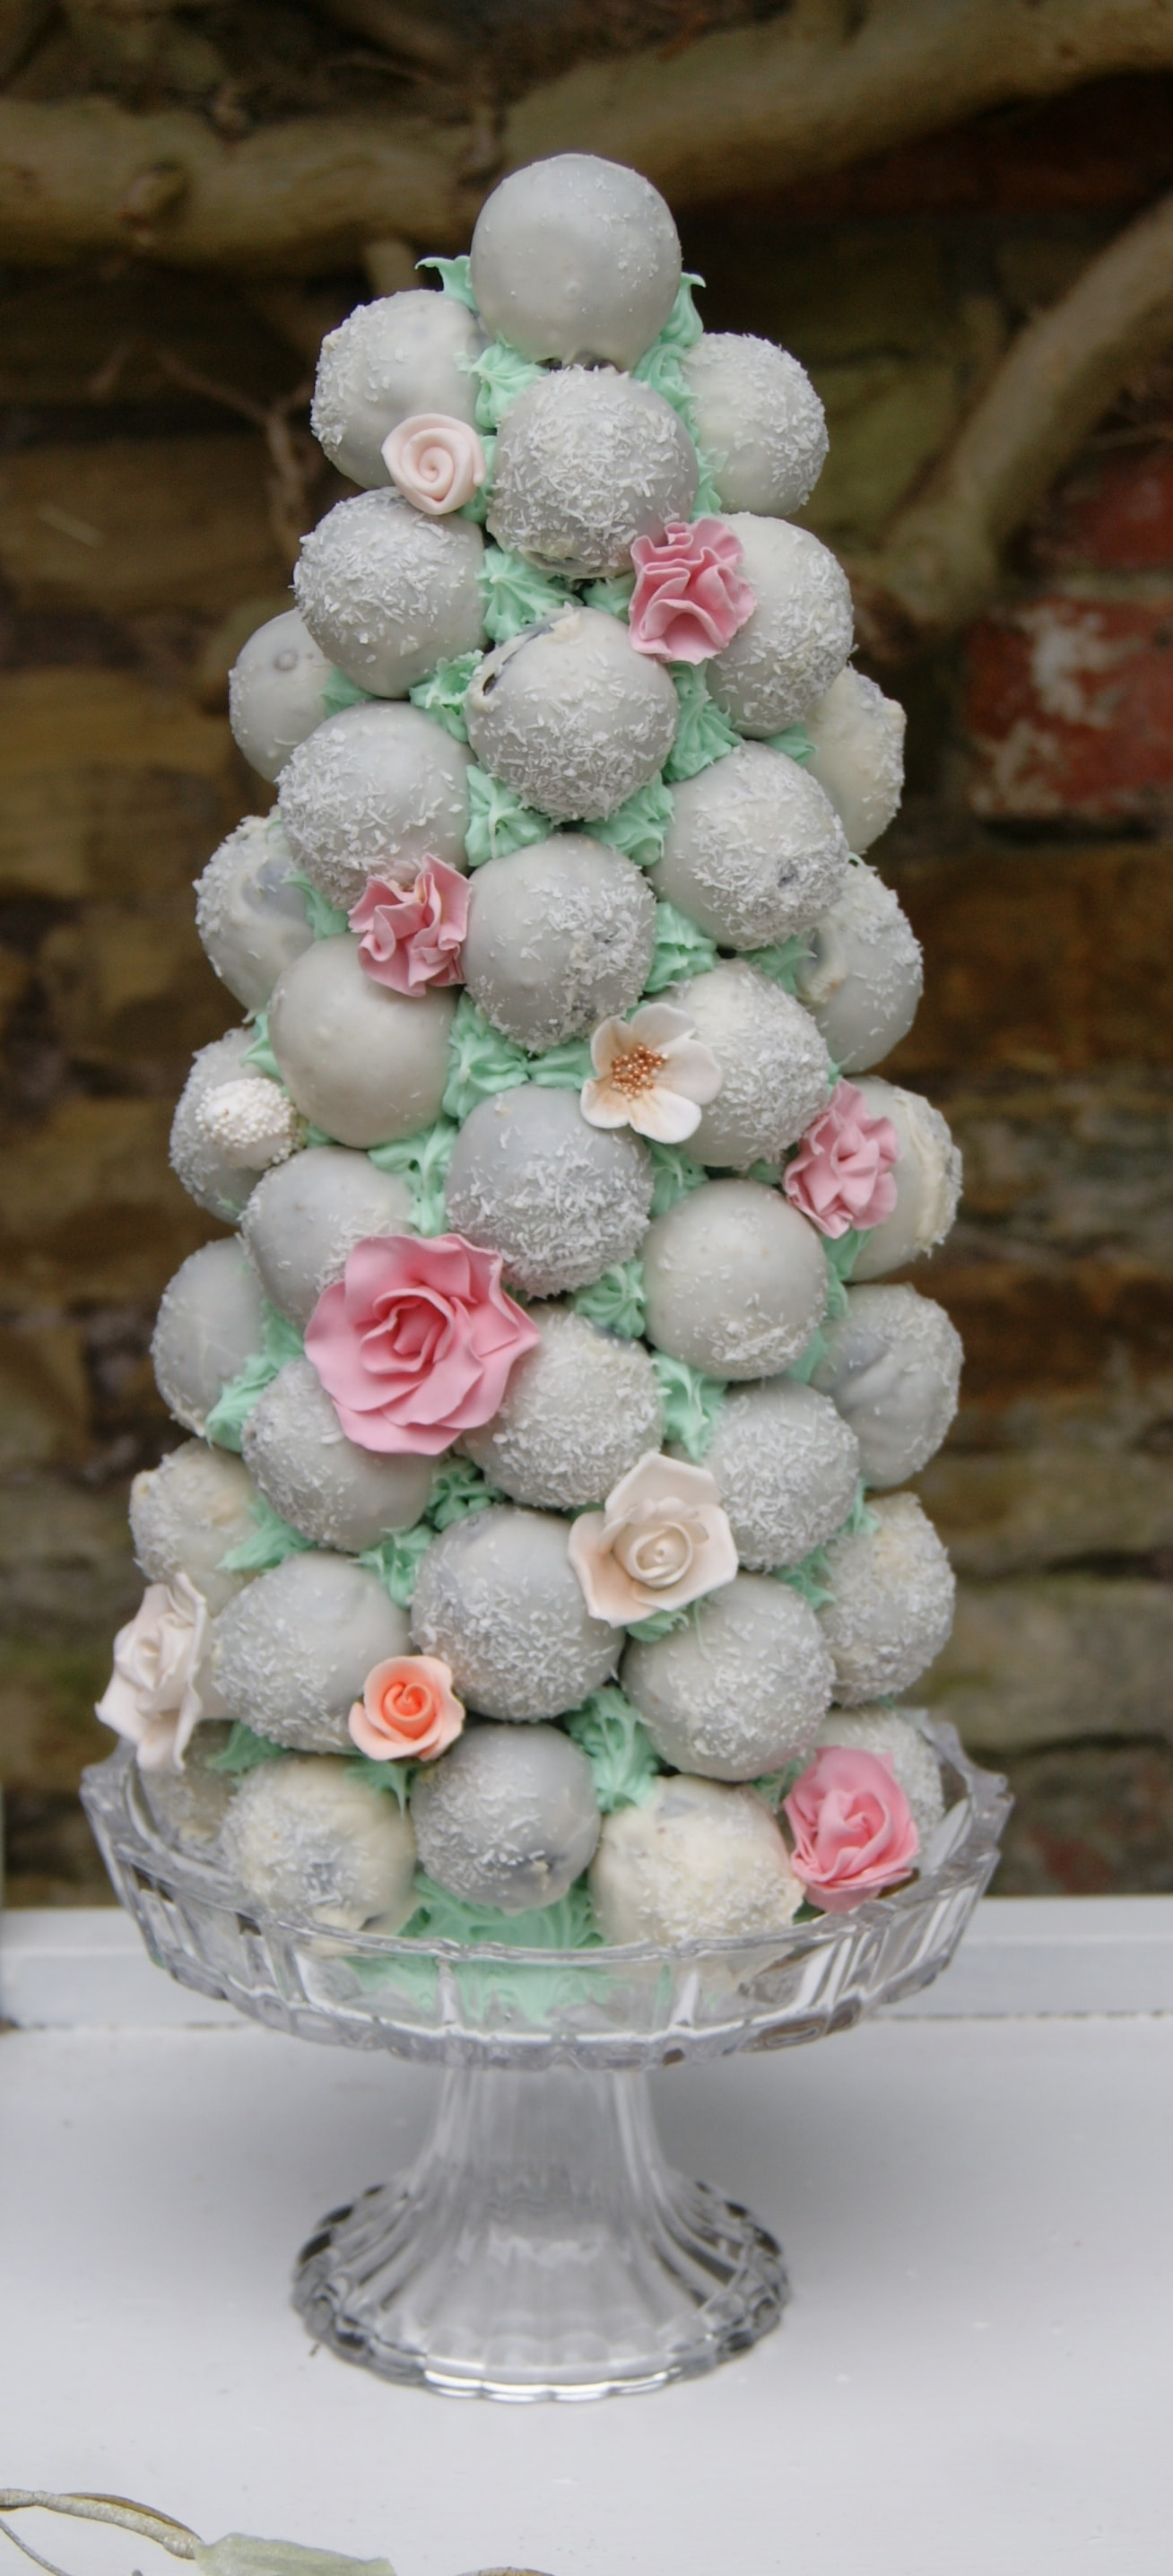 torre-cakepop-casamento-min